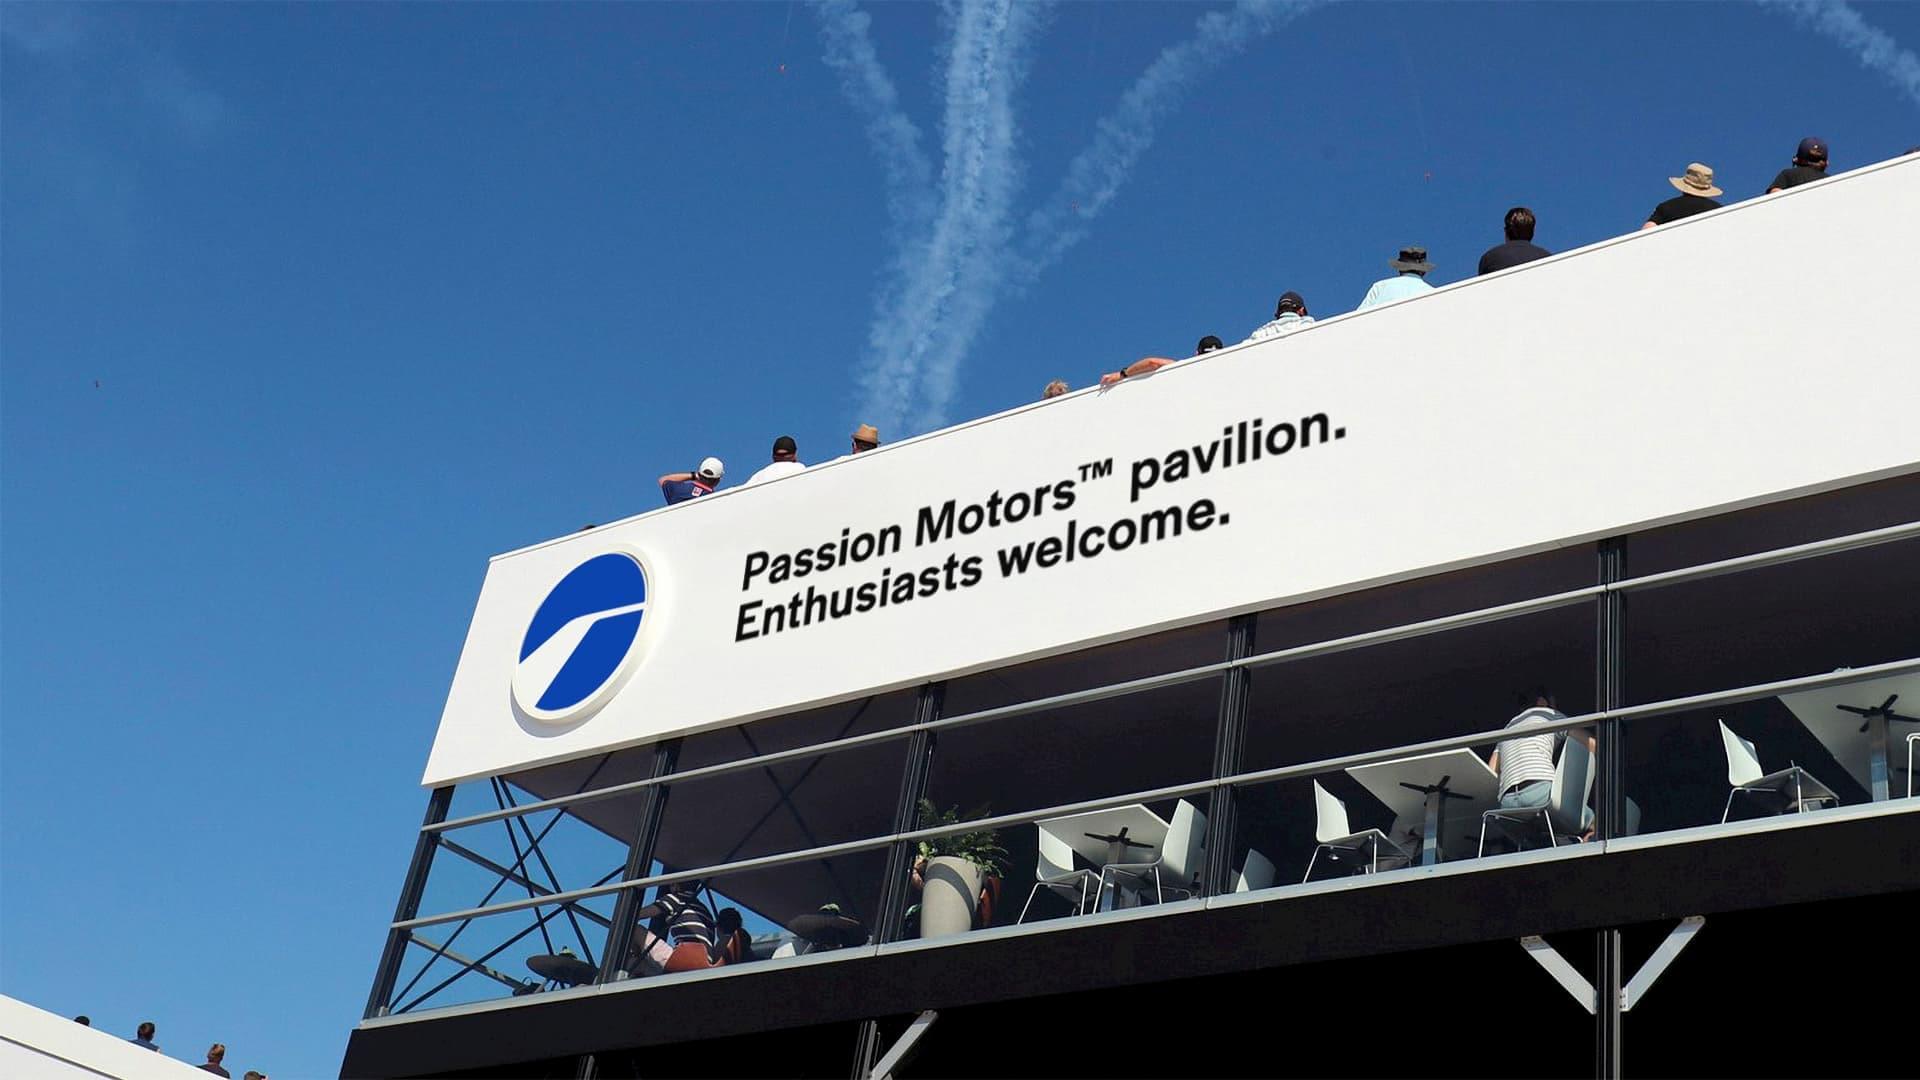 Passion Motors pavilion